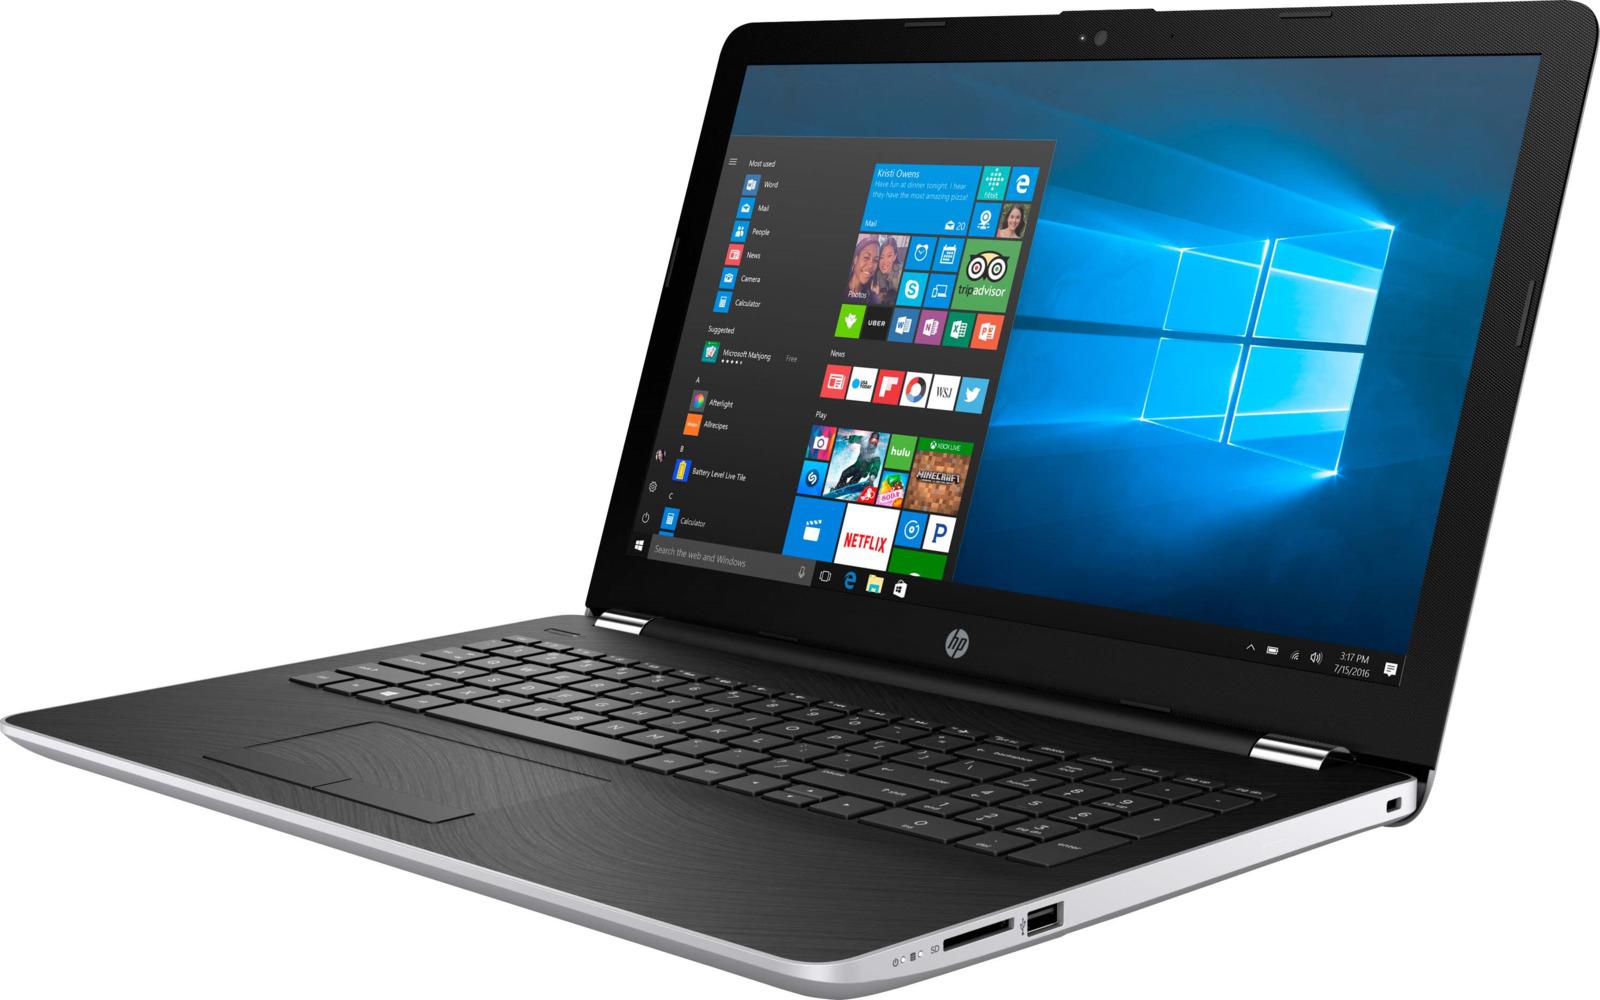 Ноутбук HP 15-bw061ur, Silver asus x555ln xo467h [90nb0642 m07090] black silver 15 6 hd i3 5010u 6gb 1tb gt840 2gb dvdrw bt wifi cam w8